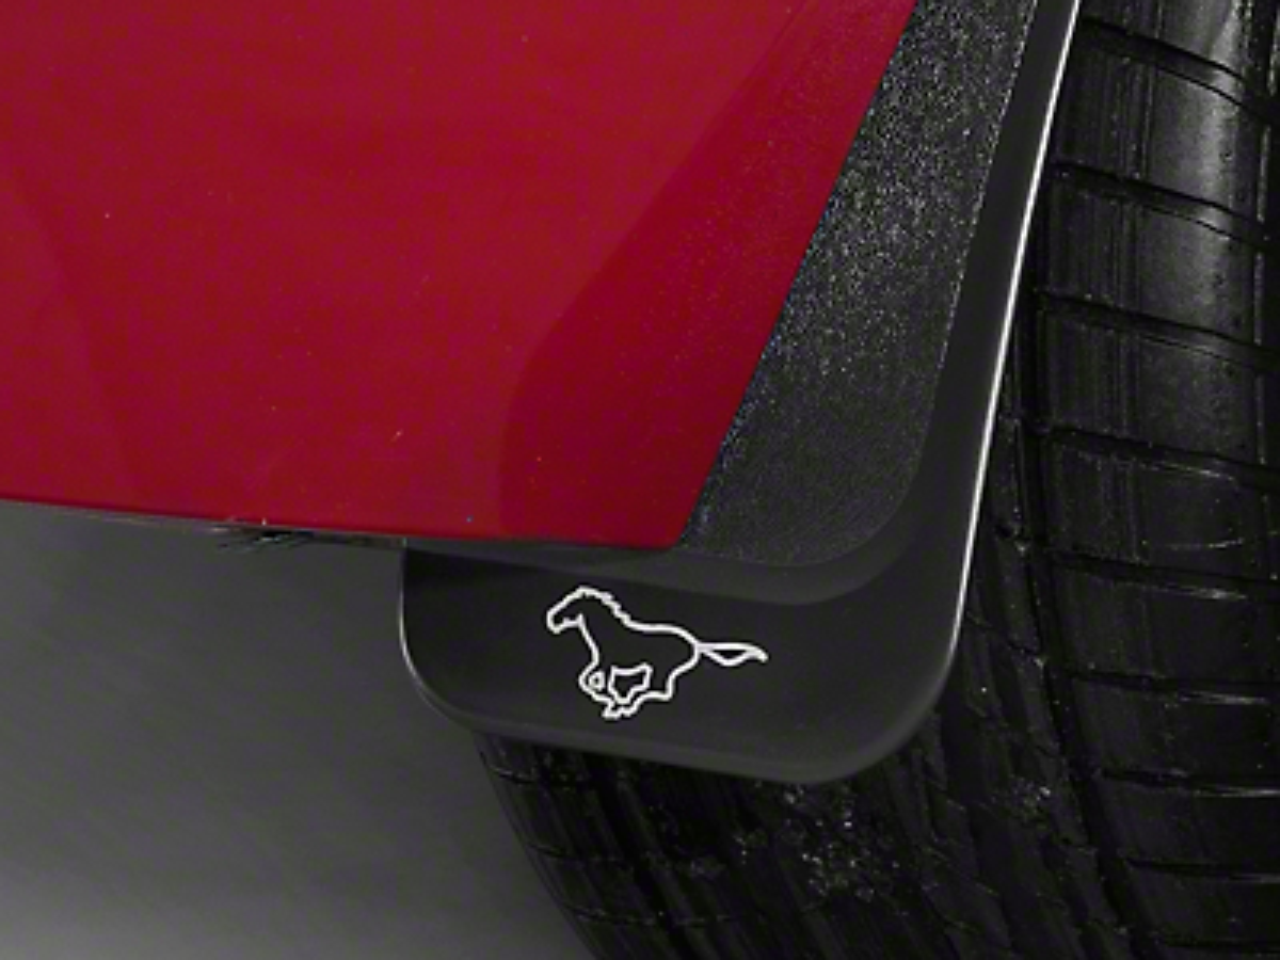 Ford Splash Guards w/ Pony Logo (94-09 All)